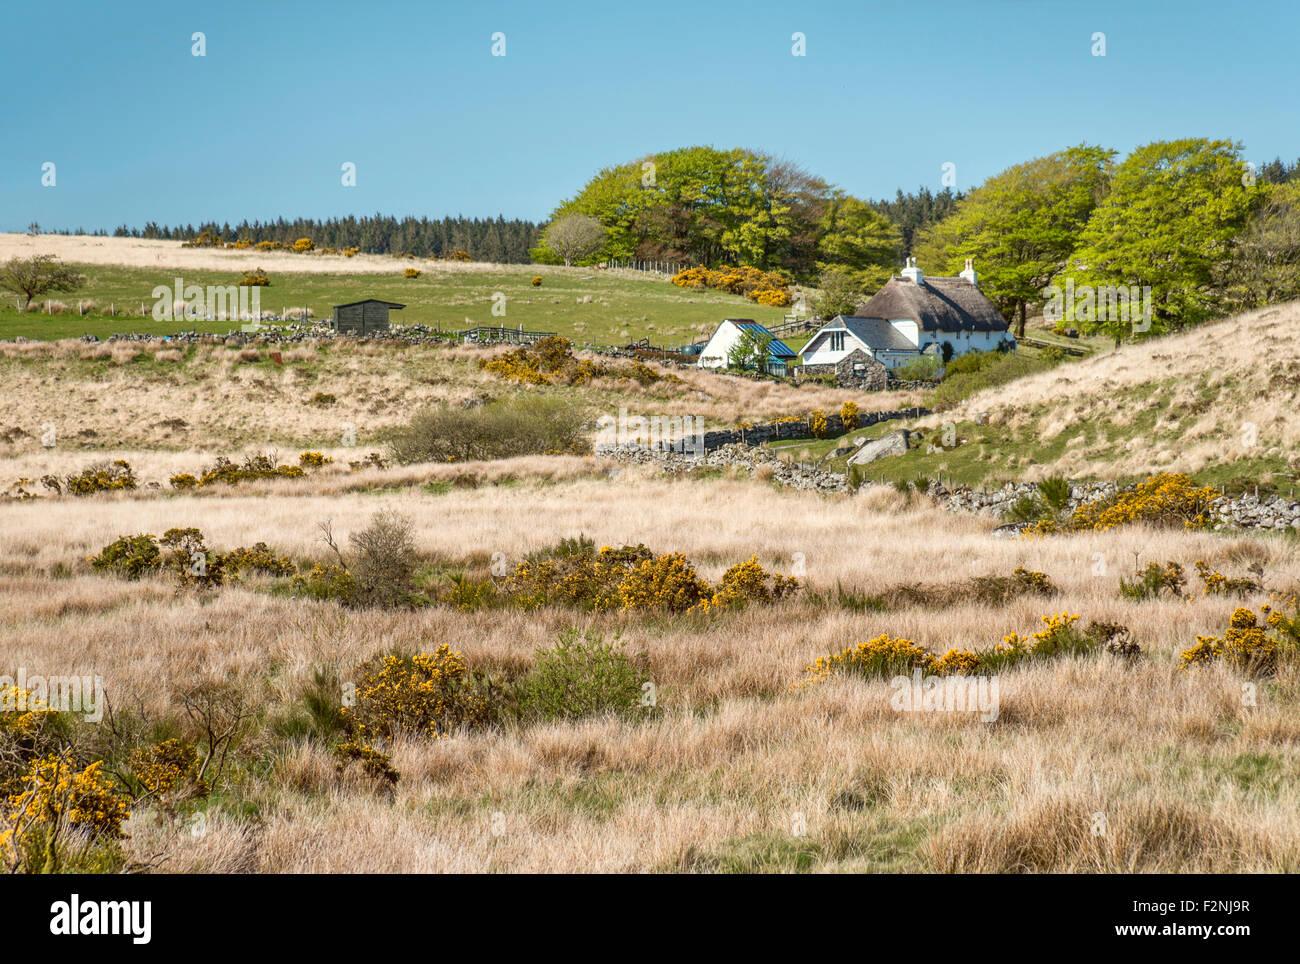 Bauer sucht Gäste in einer Landschaft im Nationalpark Dartmoor, Devon, England, UK | Renovierungen Im Dartmoor Stockbild